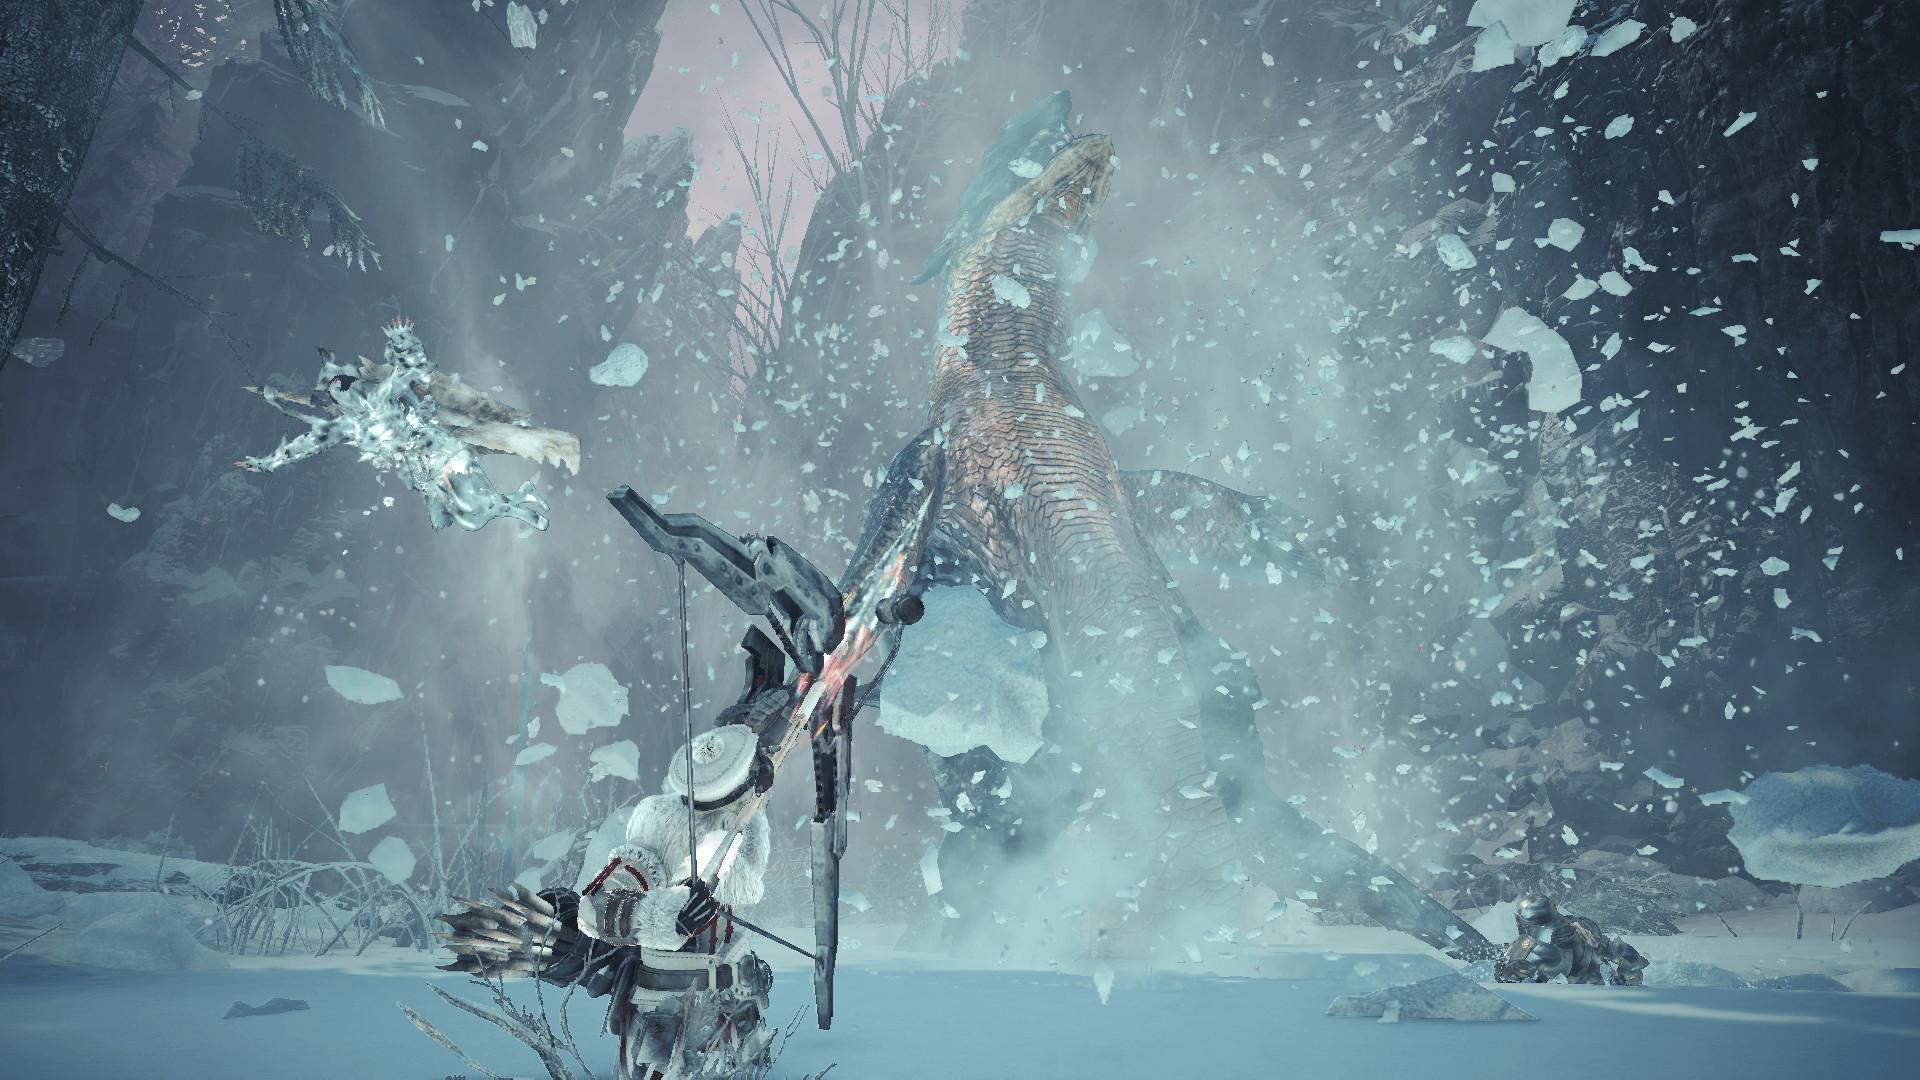 怪物猎人:世界-冰原/Monster Hunter World: Iceborne(V15.11.01-全DLC豪华版+世界定制版)插图8